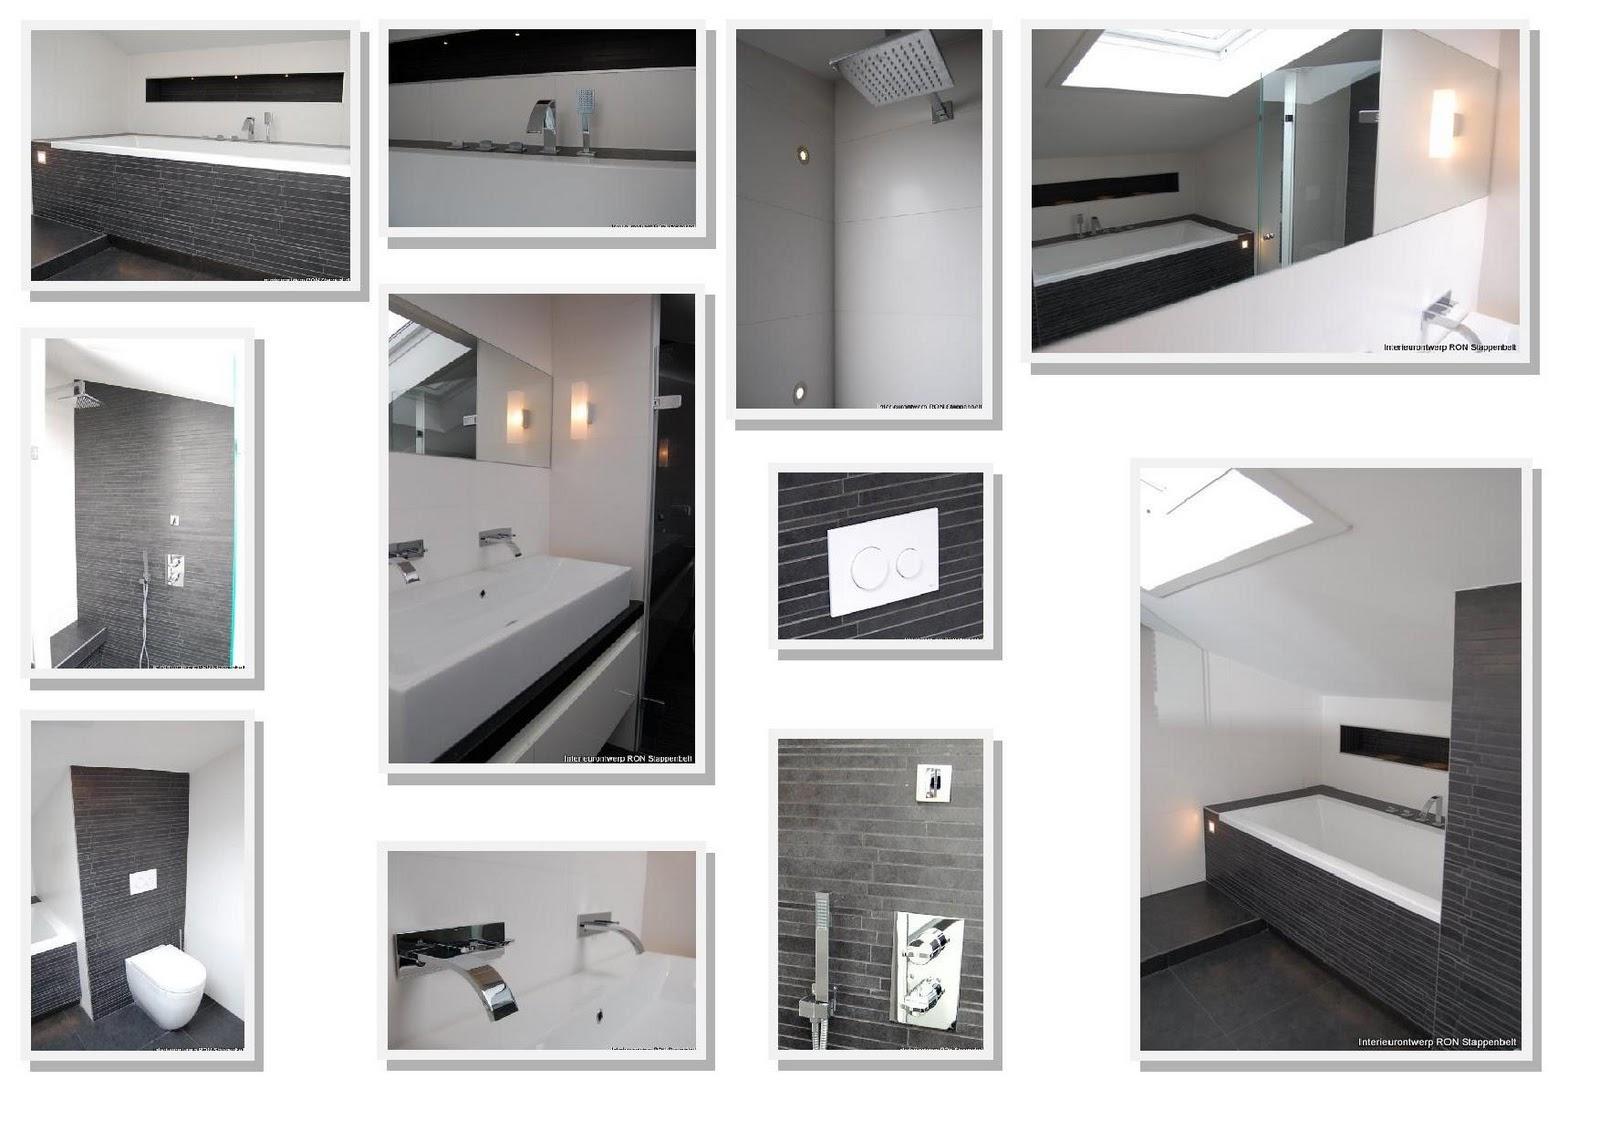 Design Badkamers Utrecht: Design badkamer utrecht ~ het beste van ...